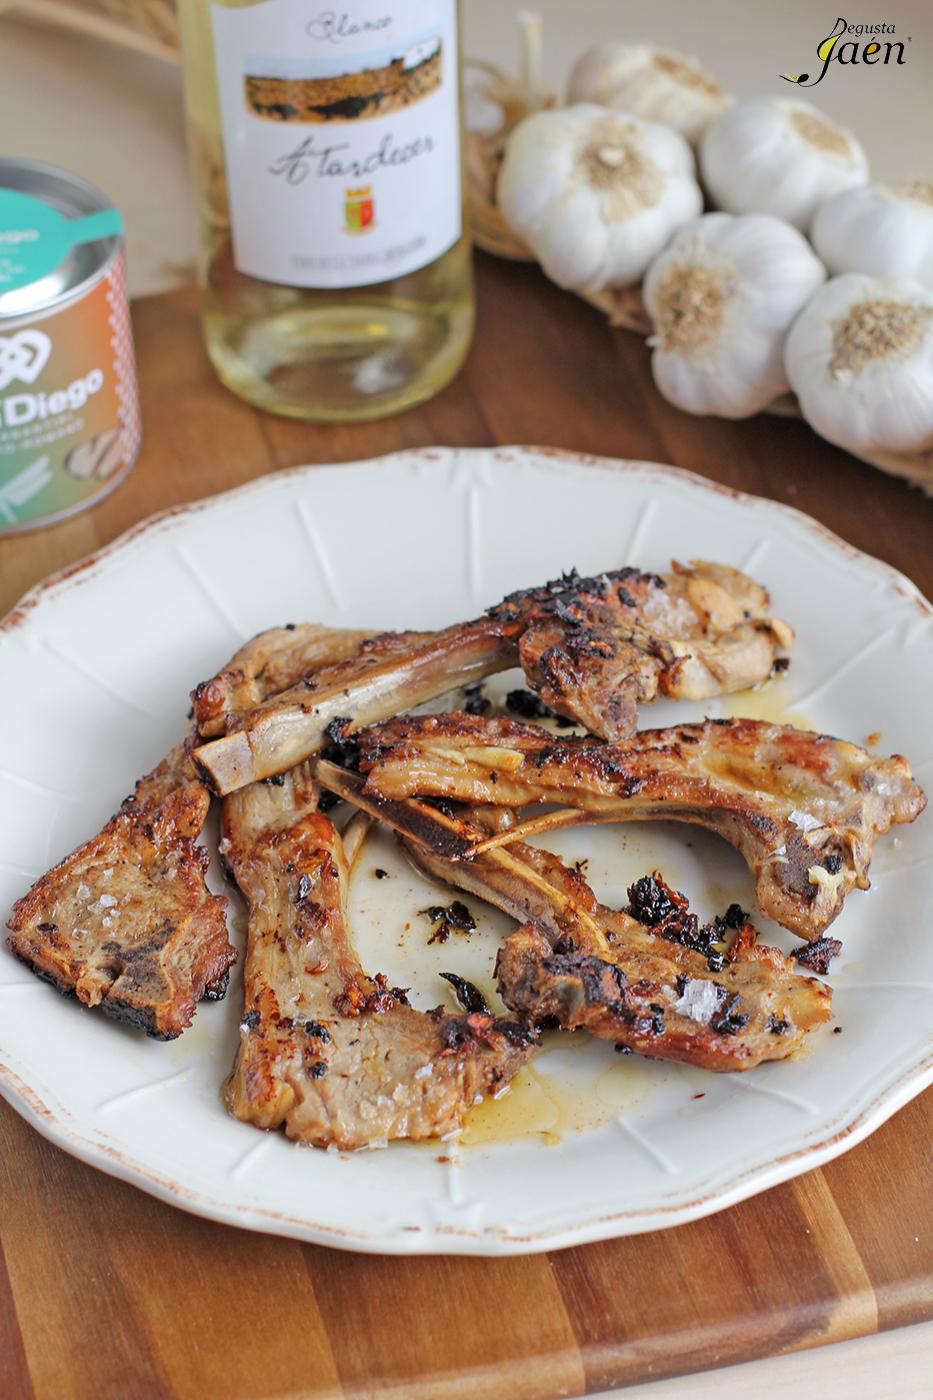 Chuletas de cordero segureño Degusta Jaen (1)